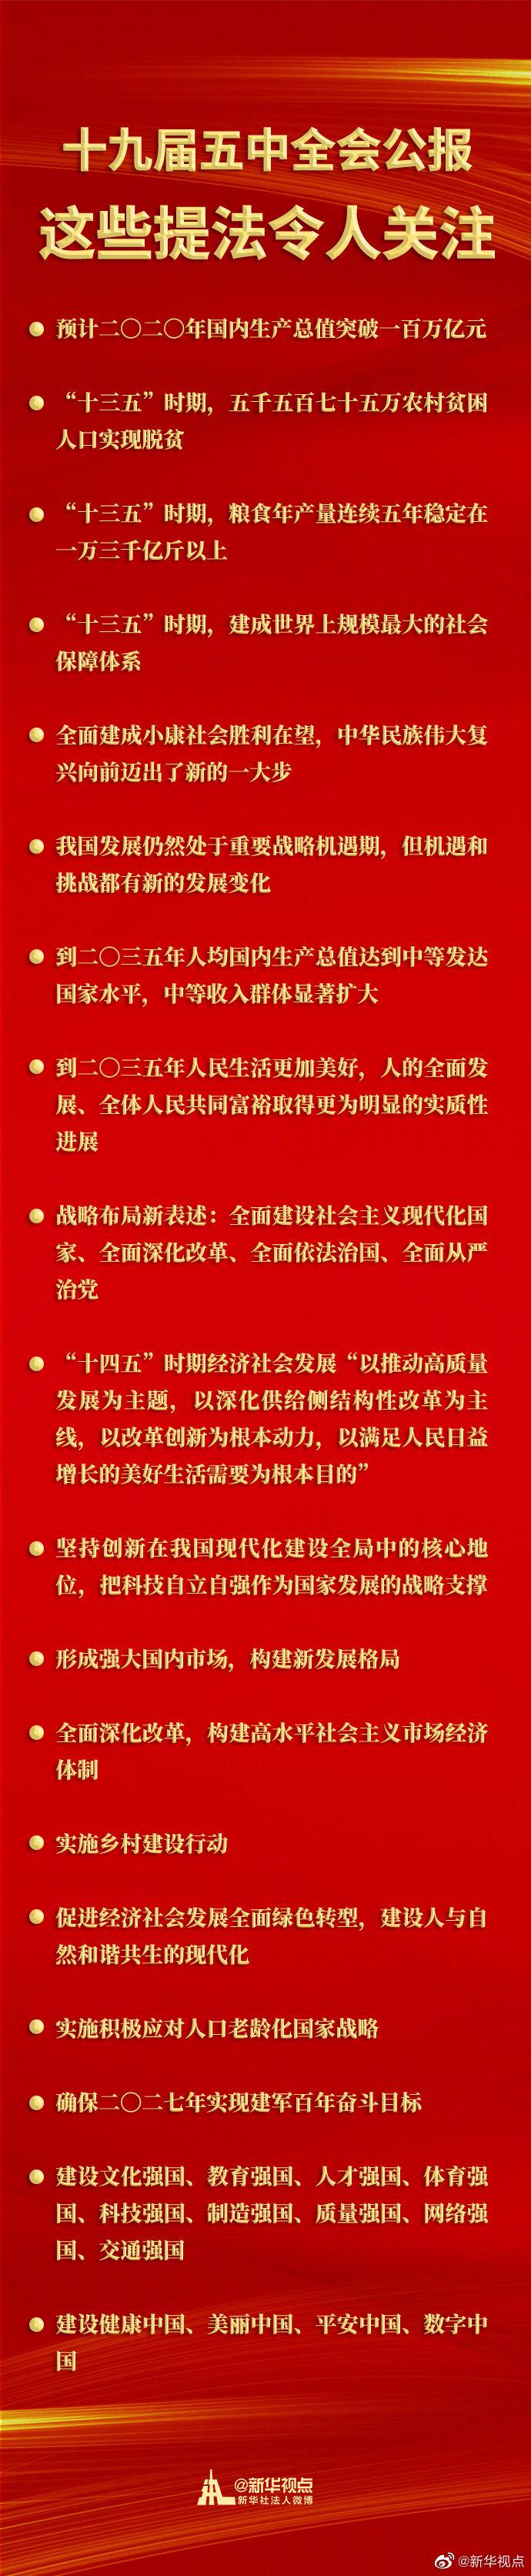 十九屆五中全會公報中,這些提法令人關註-圖1